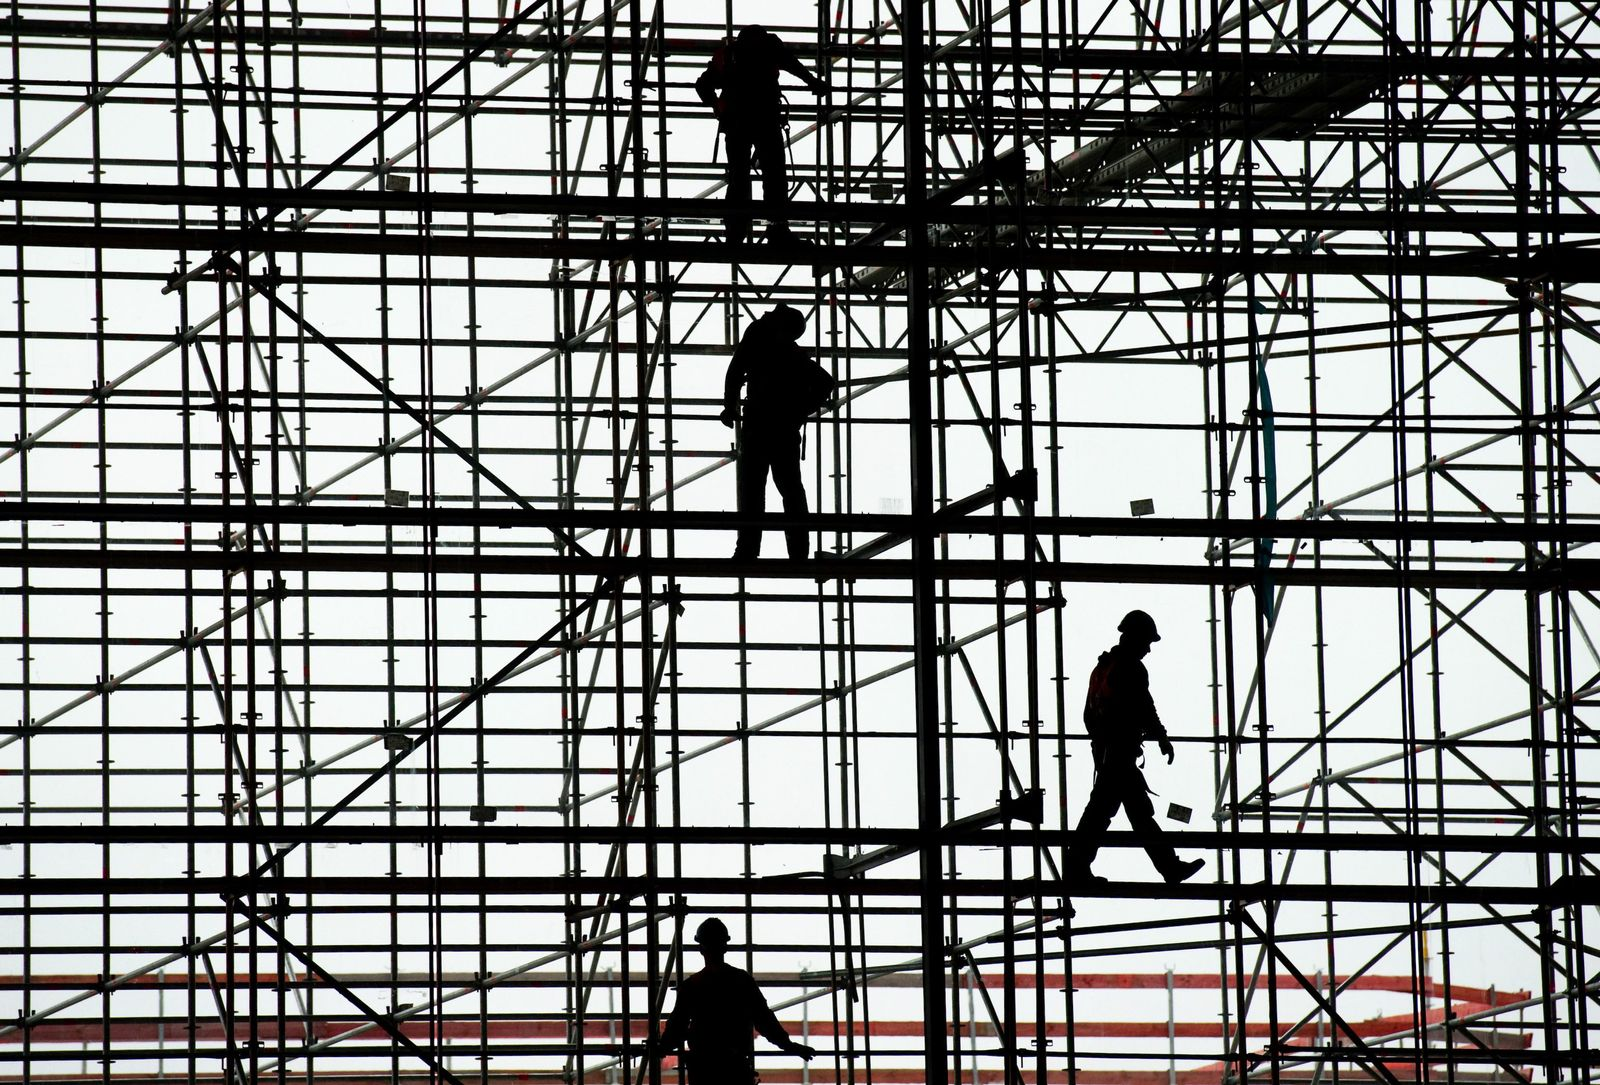 Deutschland / Konjunktur / Baustelle / Arbeitnehmer / Wirtschaft